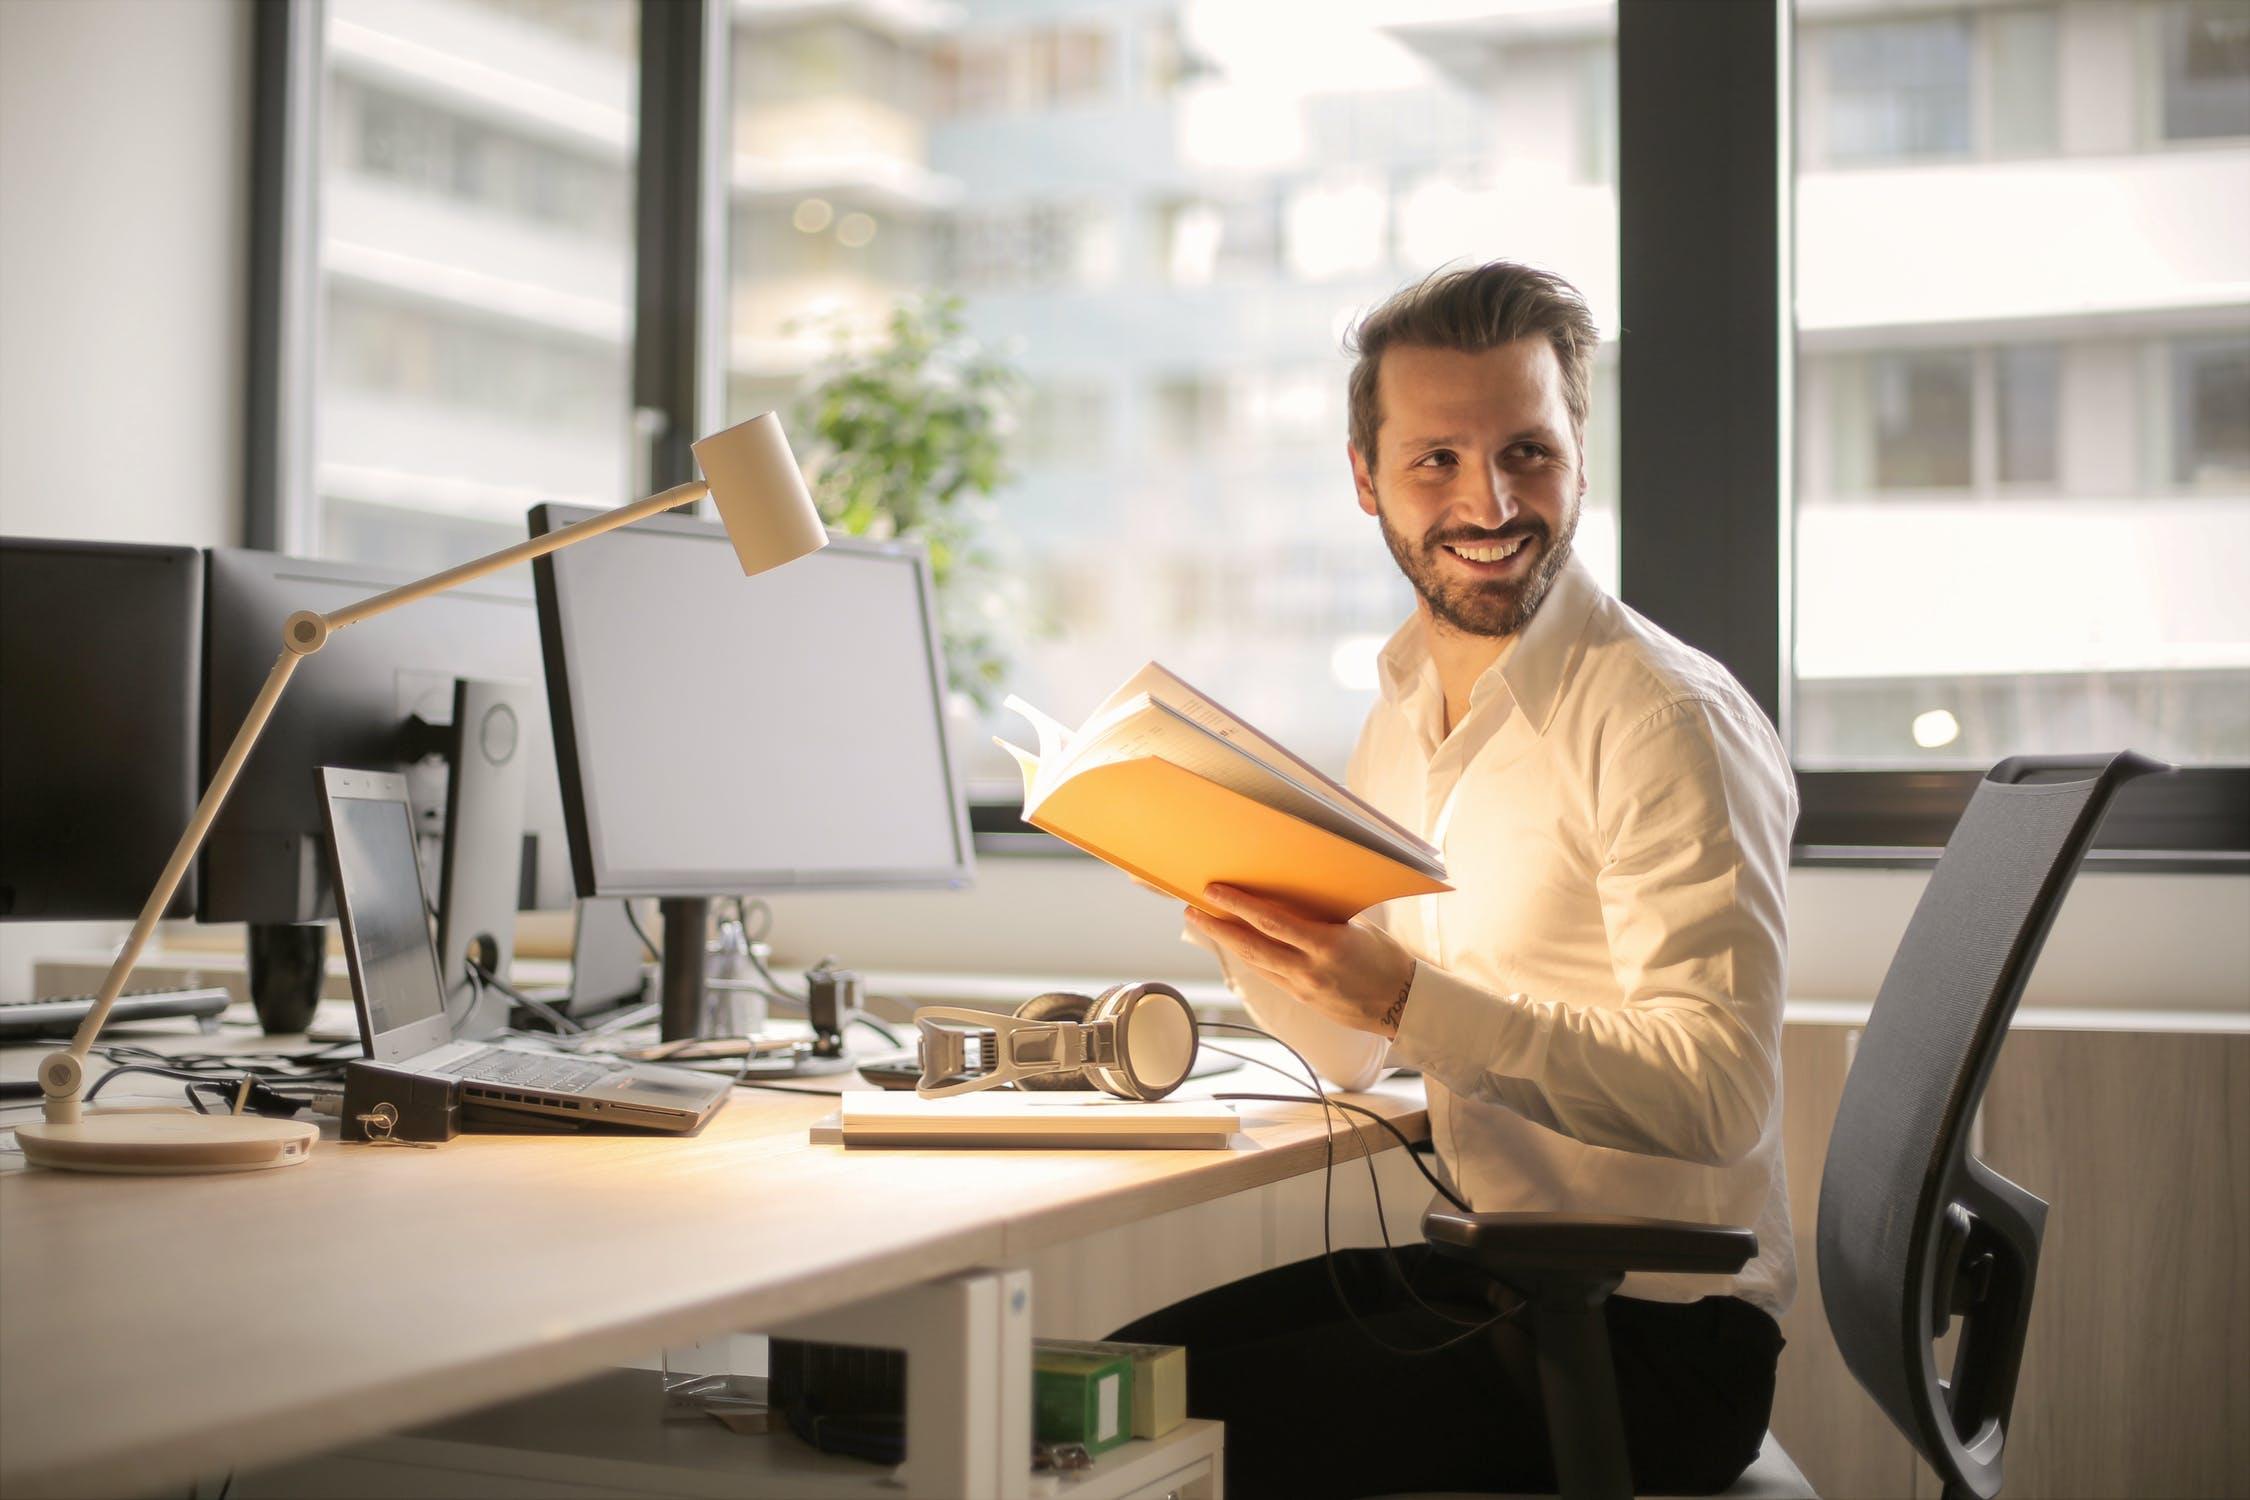 De opkoop en verkoop van kantoormeubelen